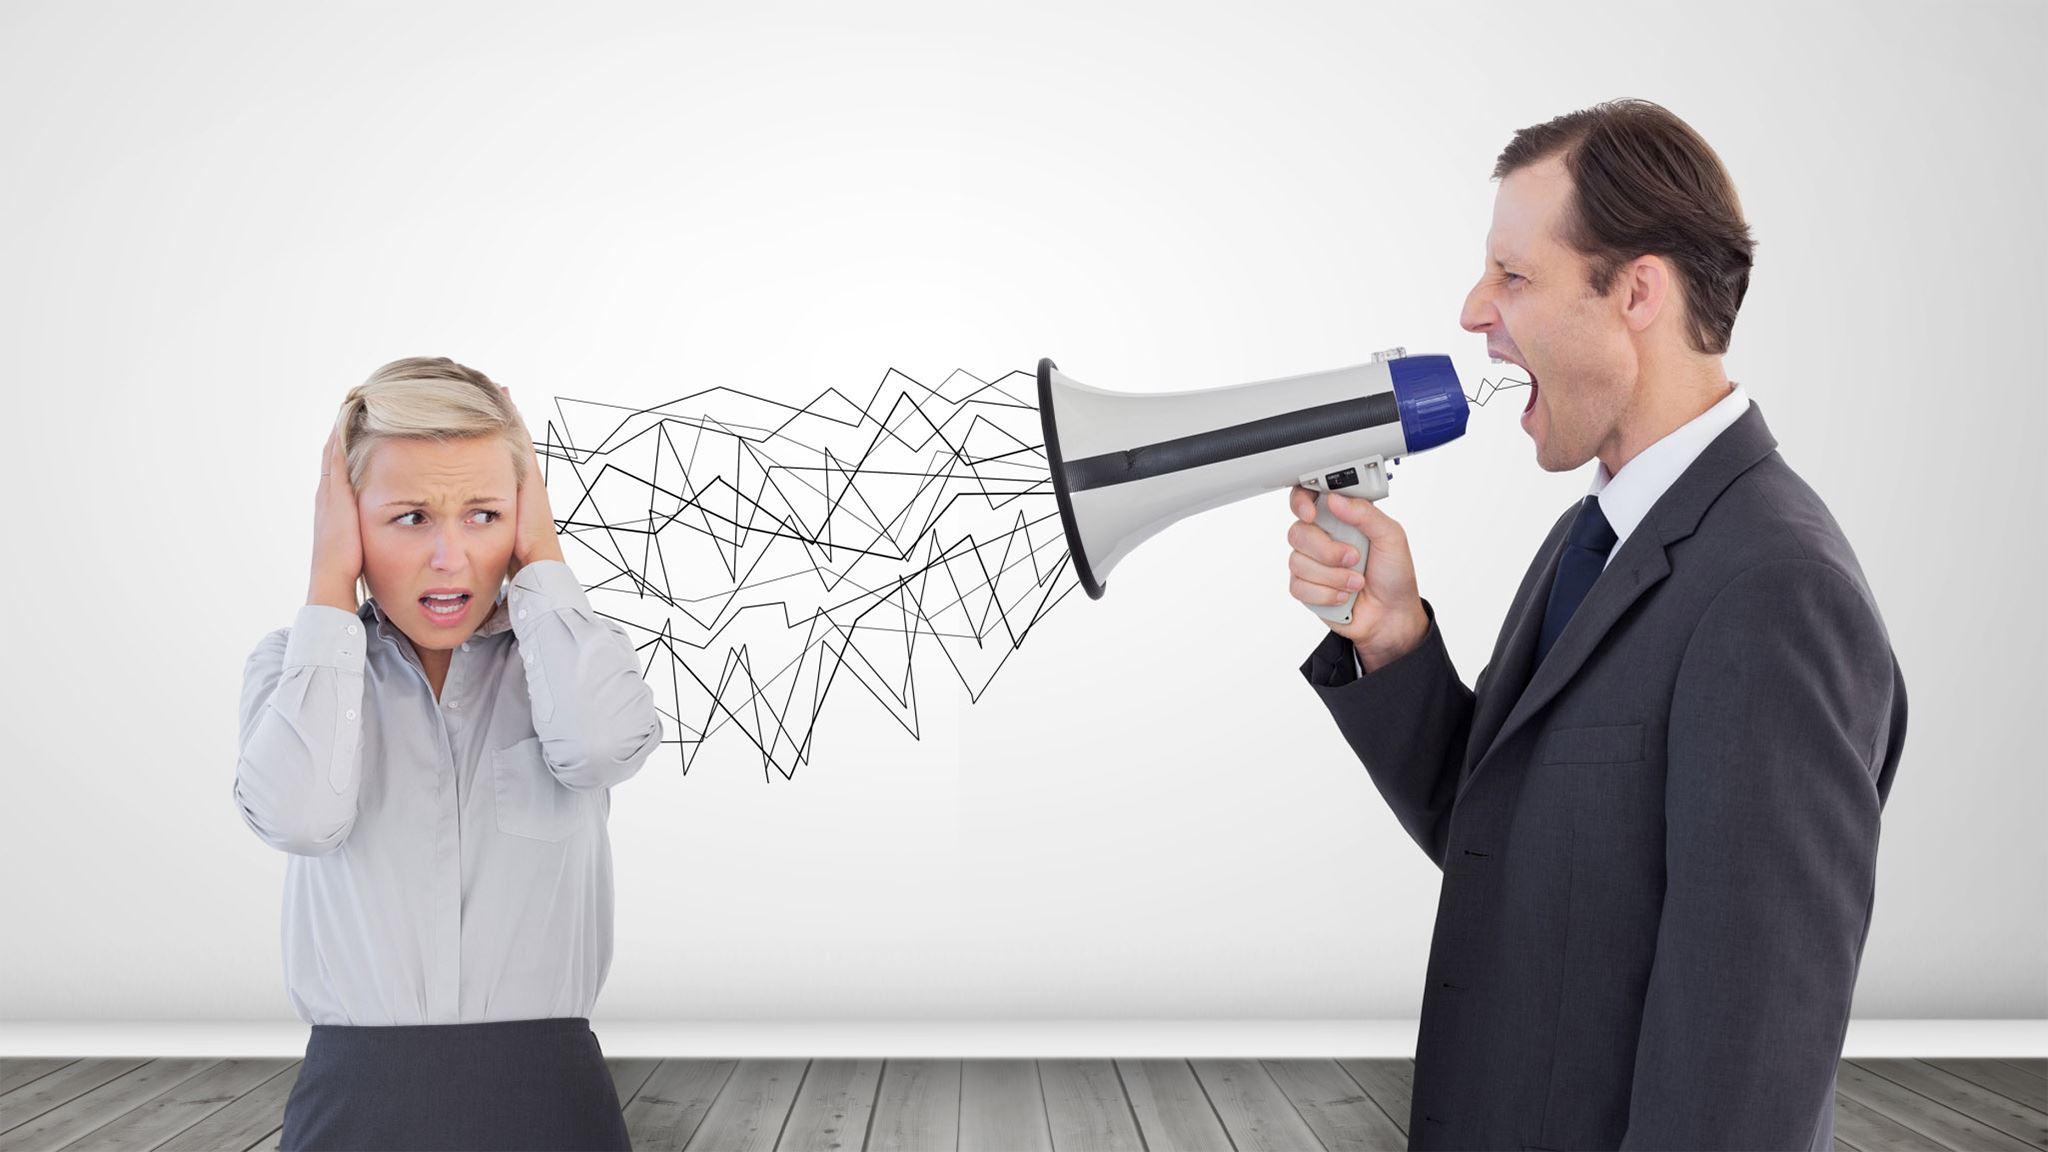 Mobbing, relaciones tóxicas en el trabajo